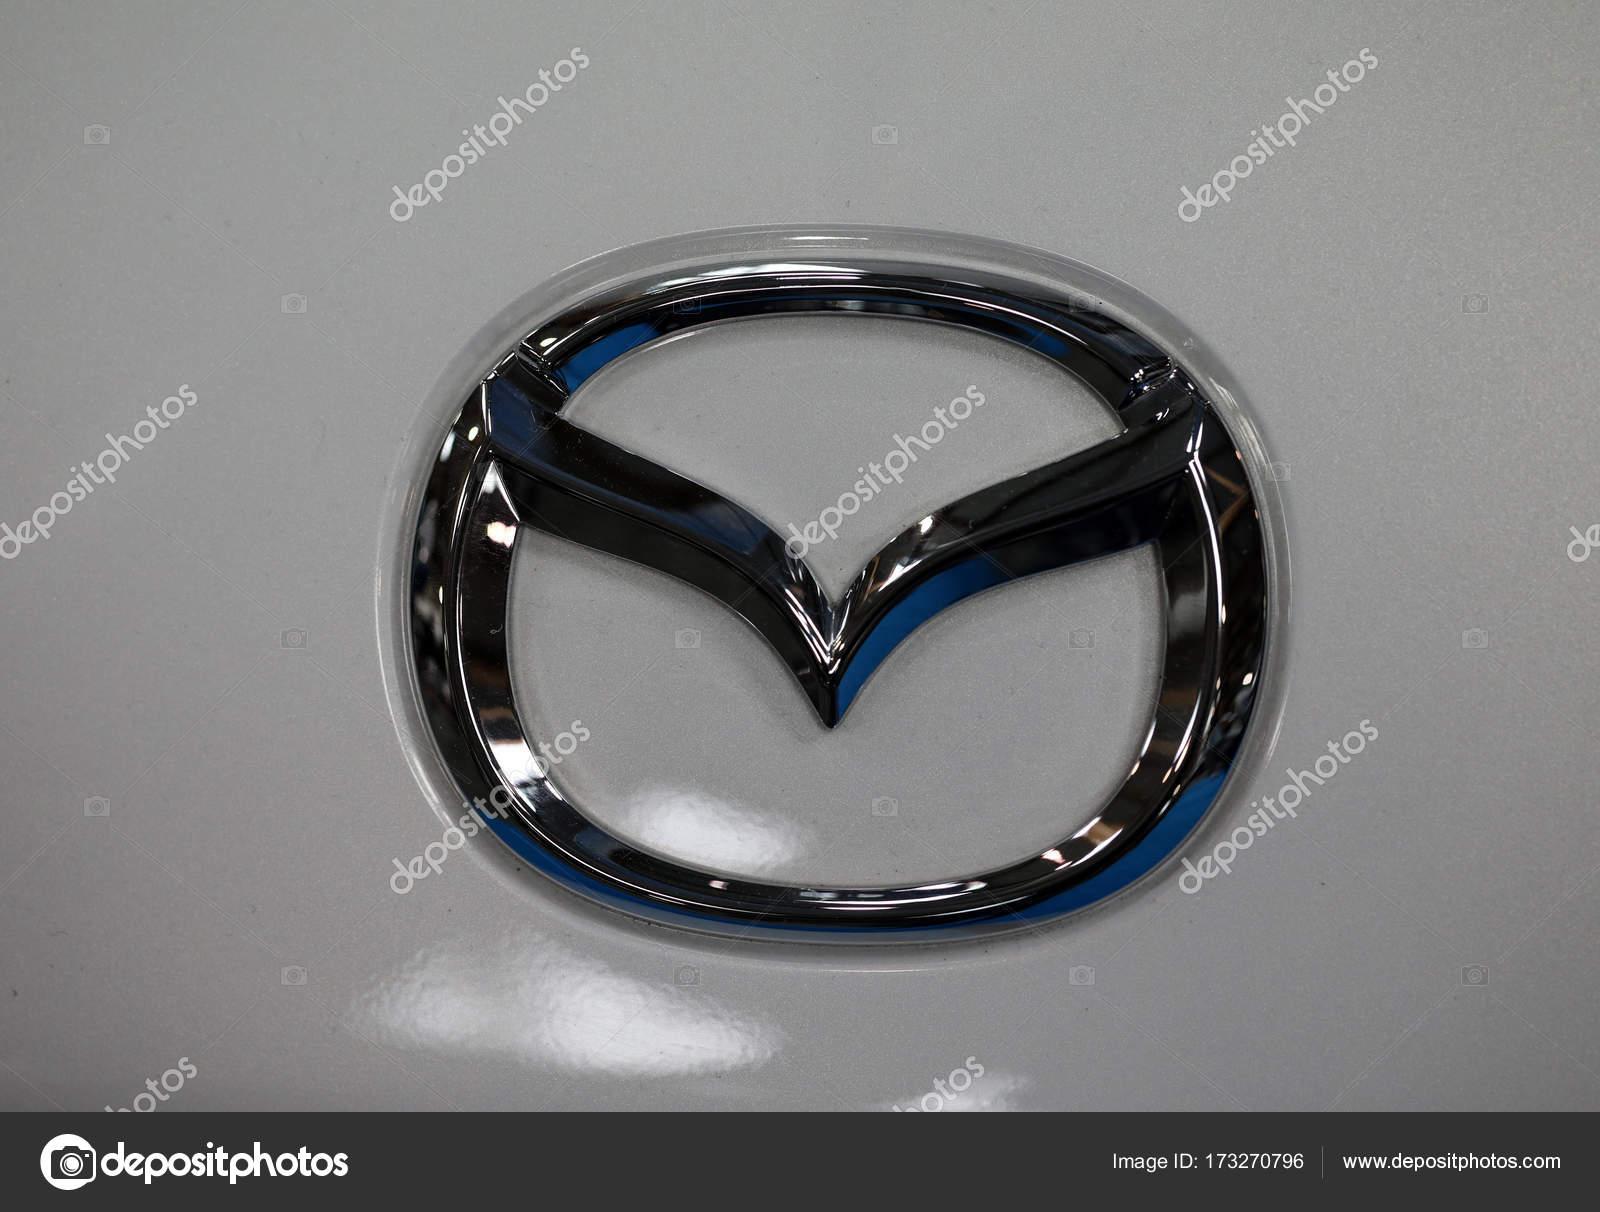 Mazda Metallic Logo Closeup On Mazda Car Displayed At Moto Show In